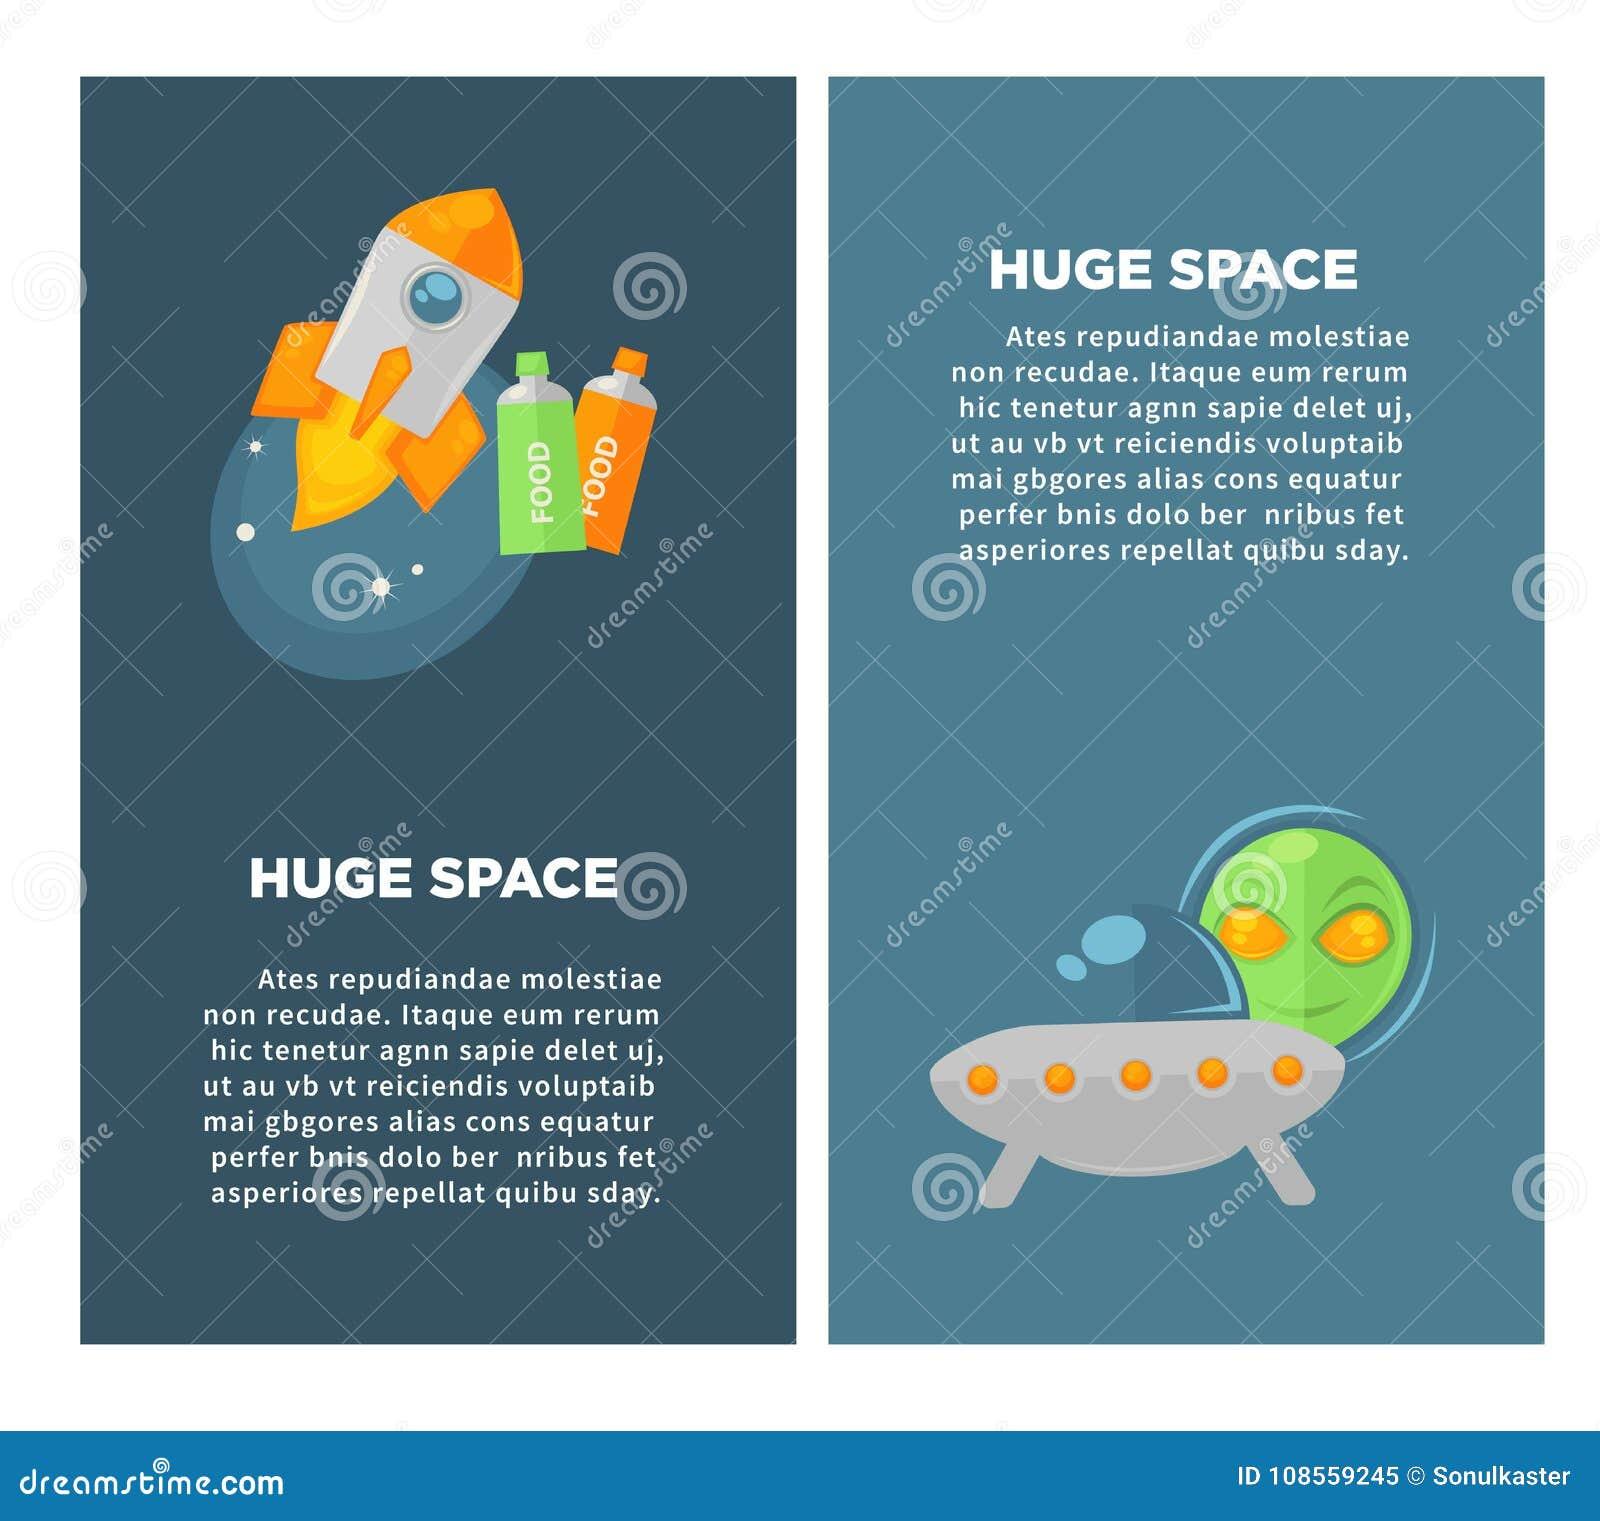 Manifesti verticali promozionali dello spazio enorme con i grandi veicoli spaziali